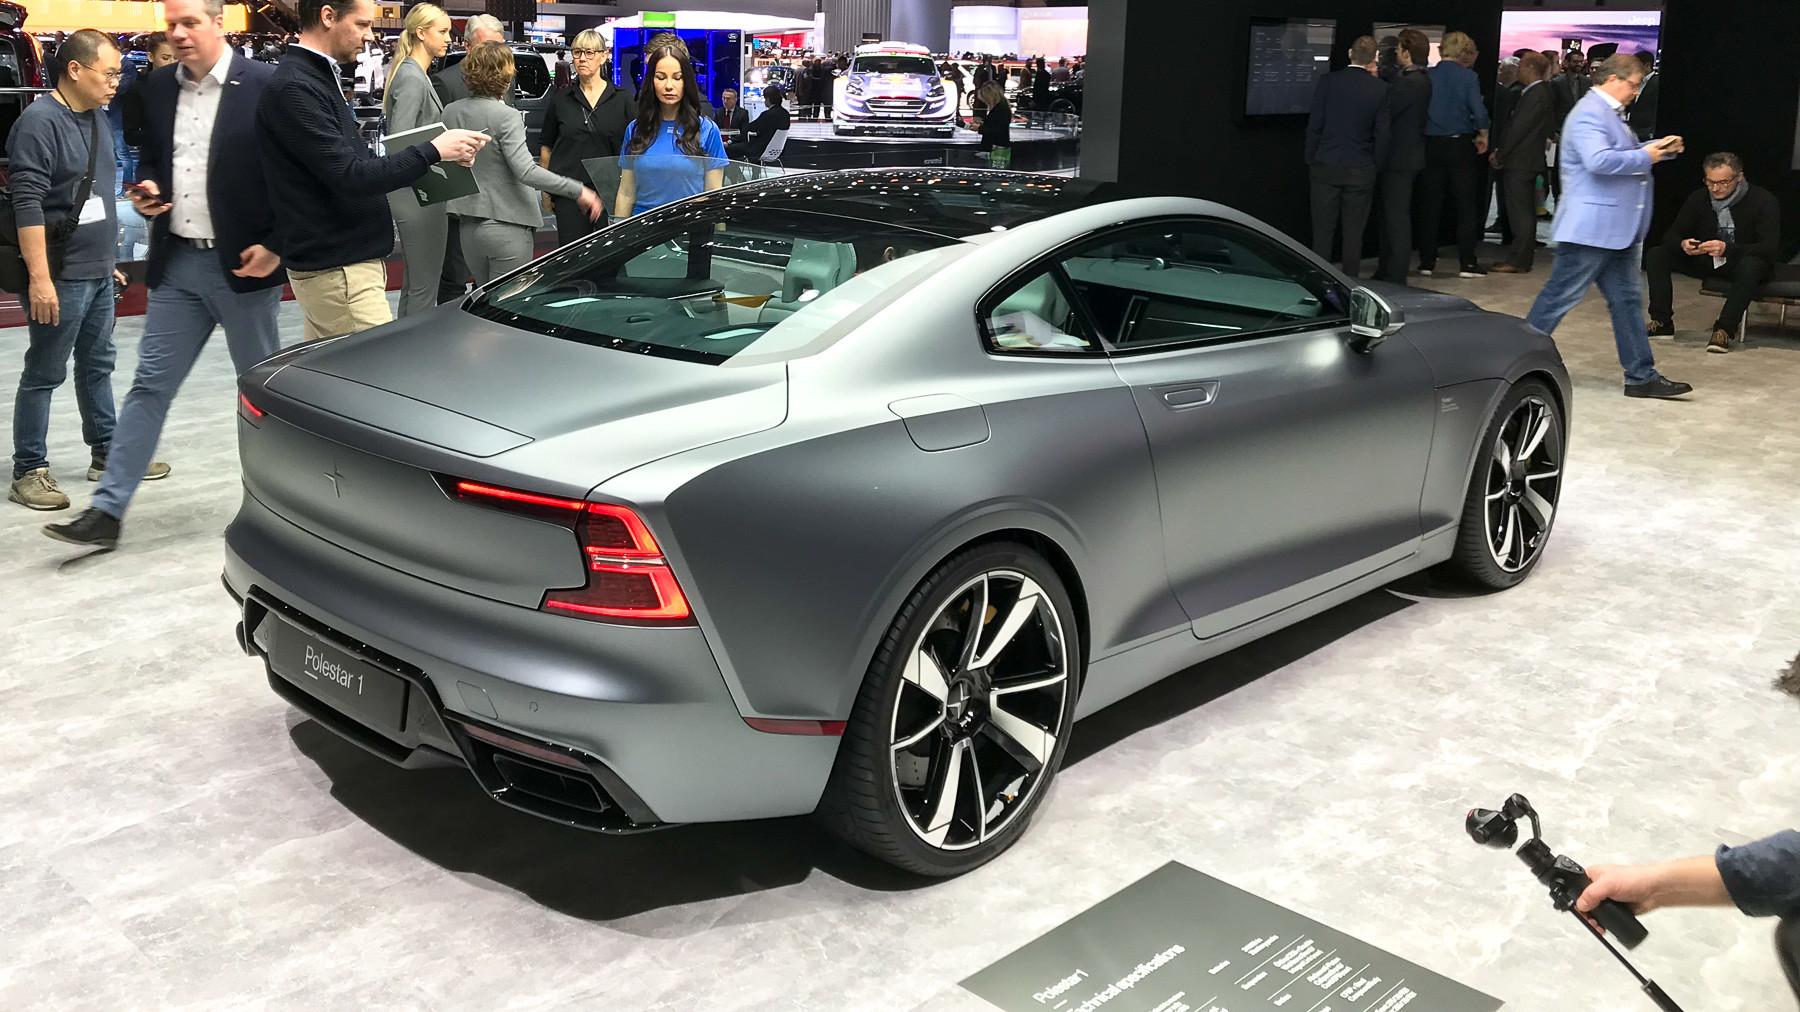 Европейцам презентовали новый автомобильный бренд 2